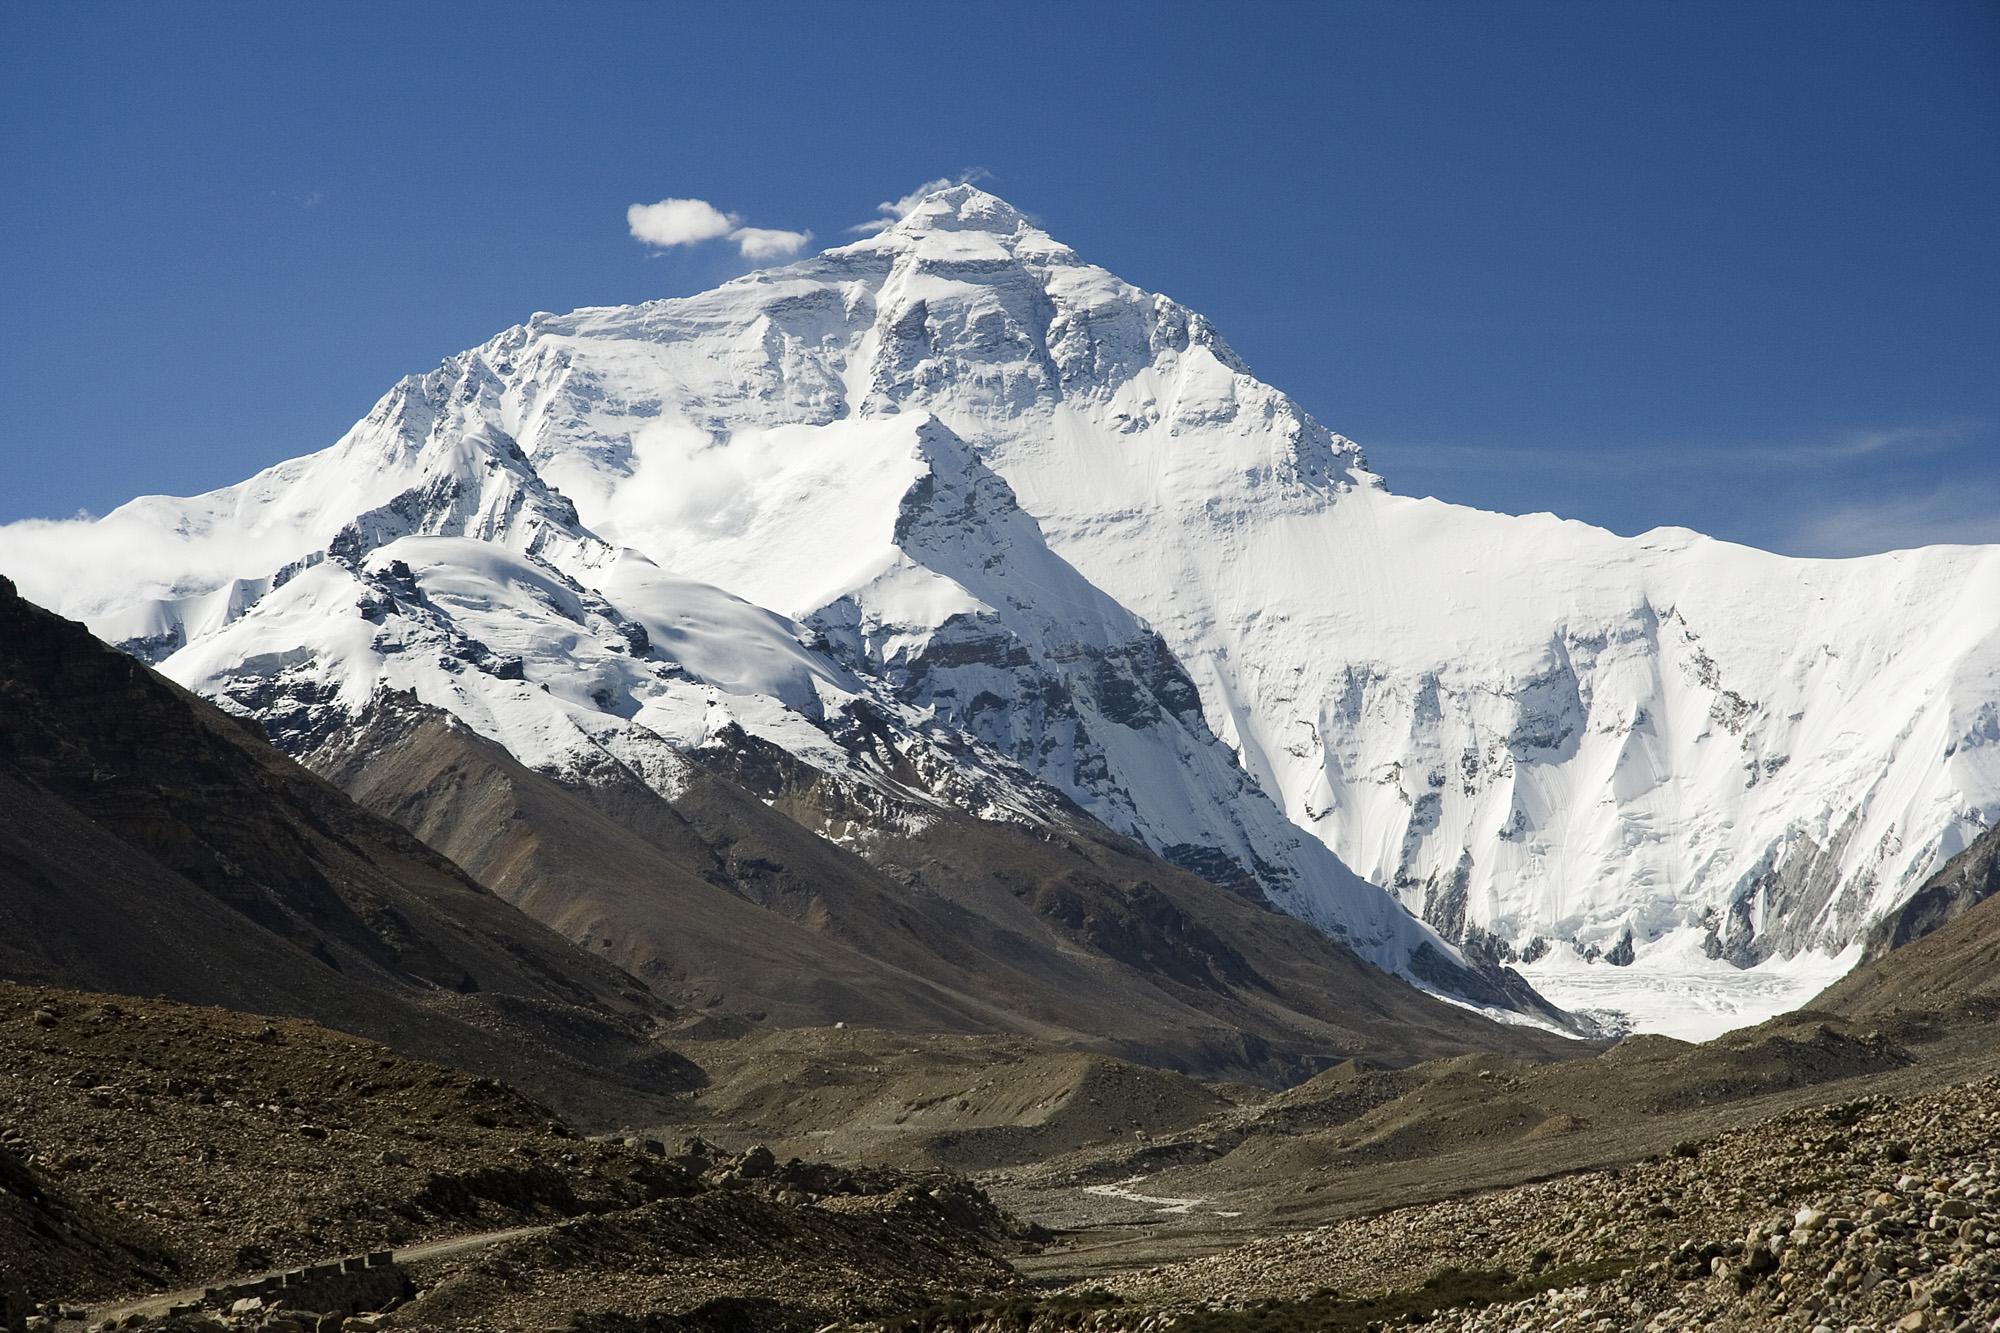 Мобильная связь и интернет – теперь и на Эвересте